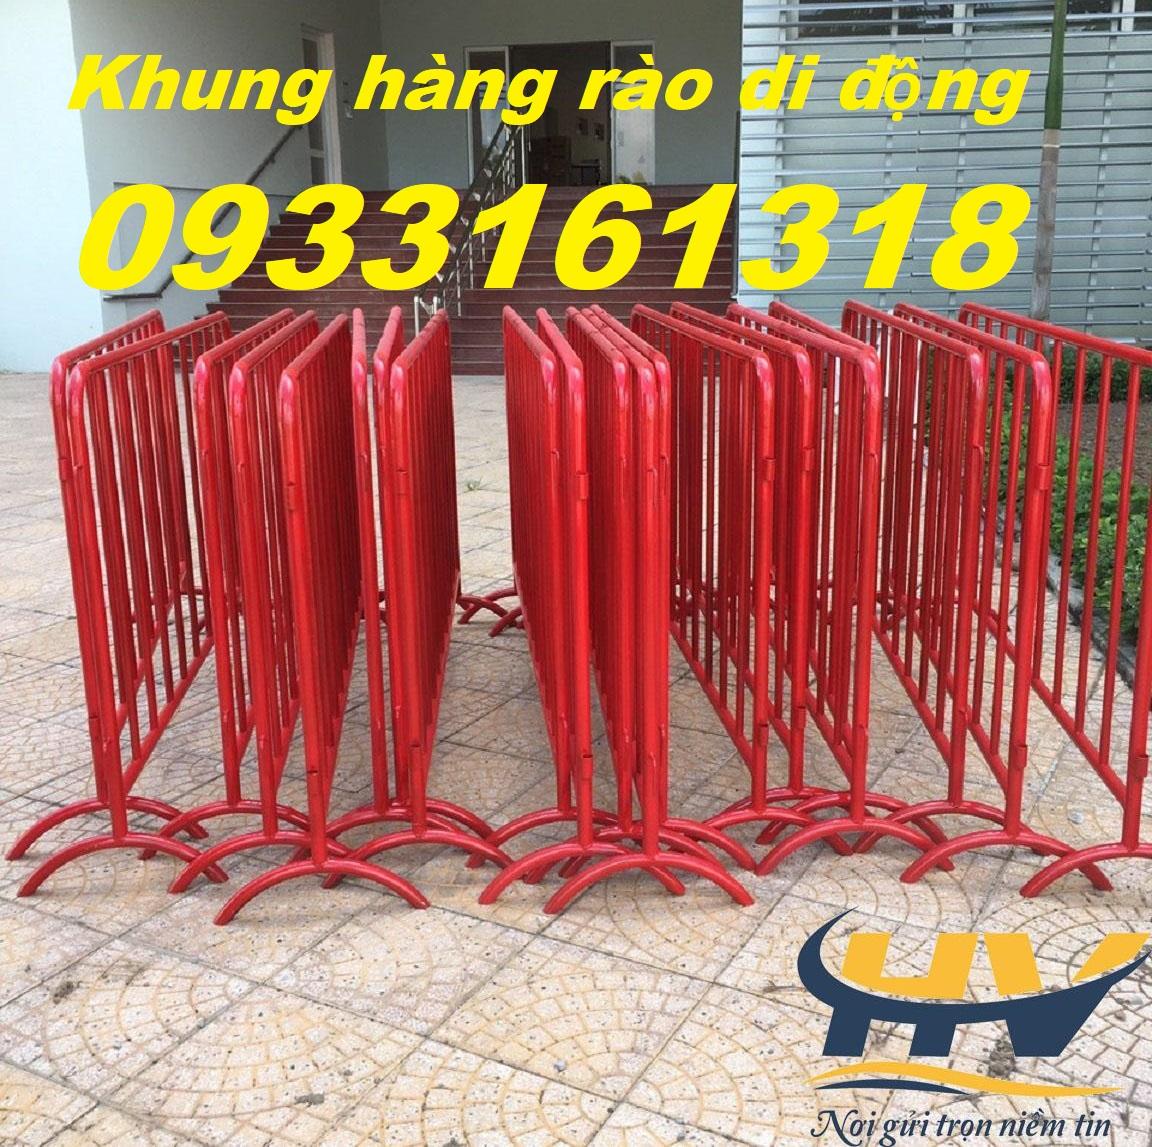 Hàng rào chắn tạm thời, hàng rào barie, hàng rào di động giá rẻ tại Đồng Nai